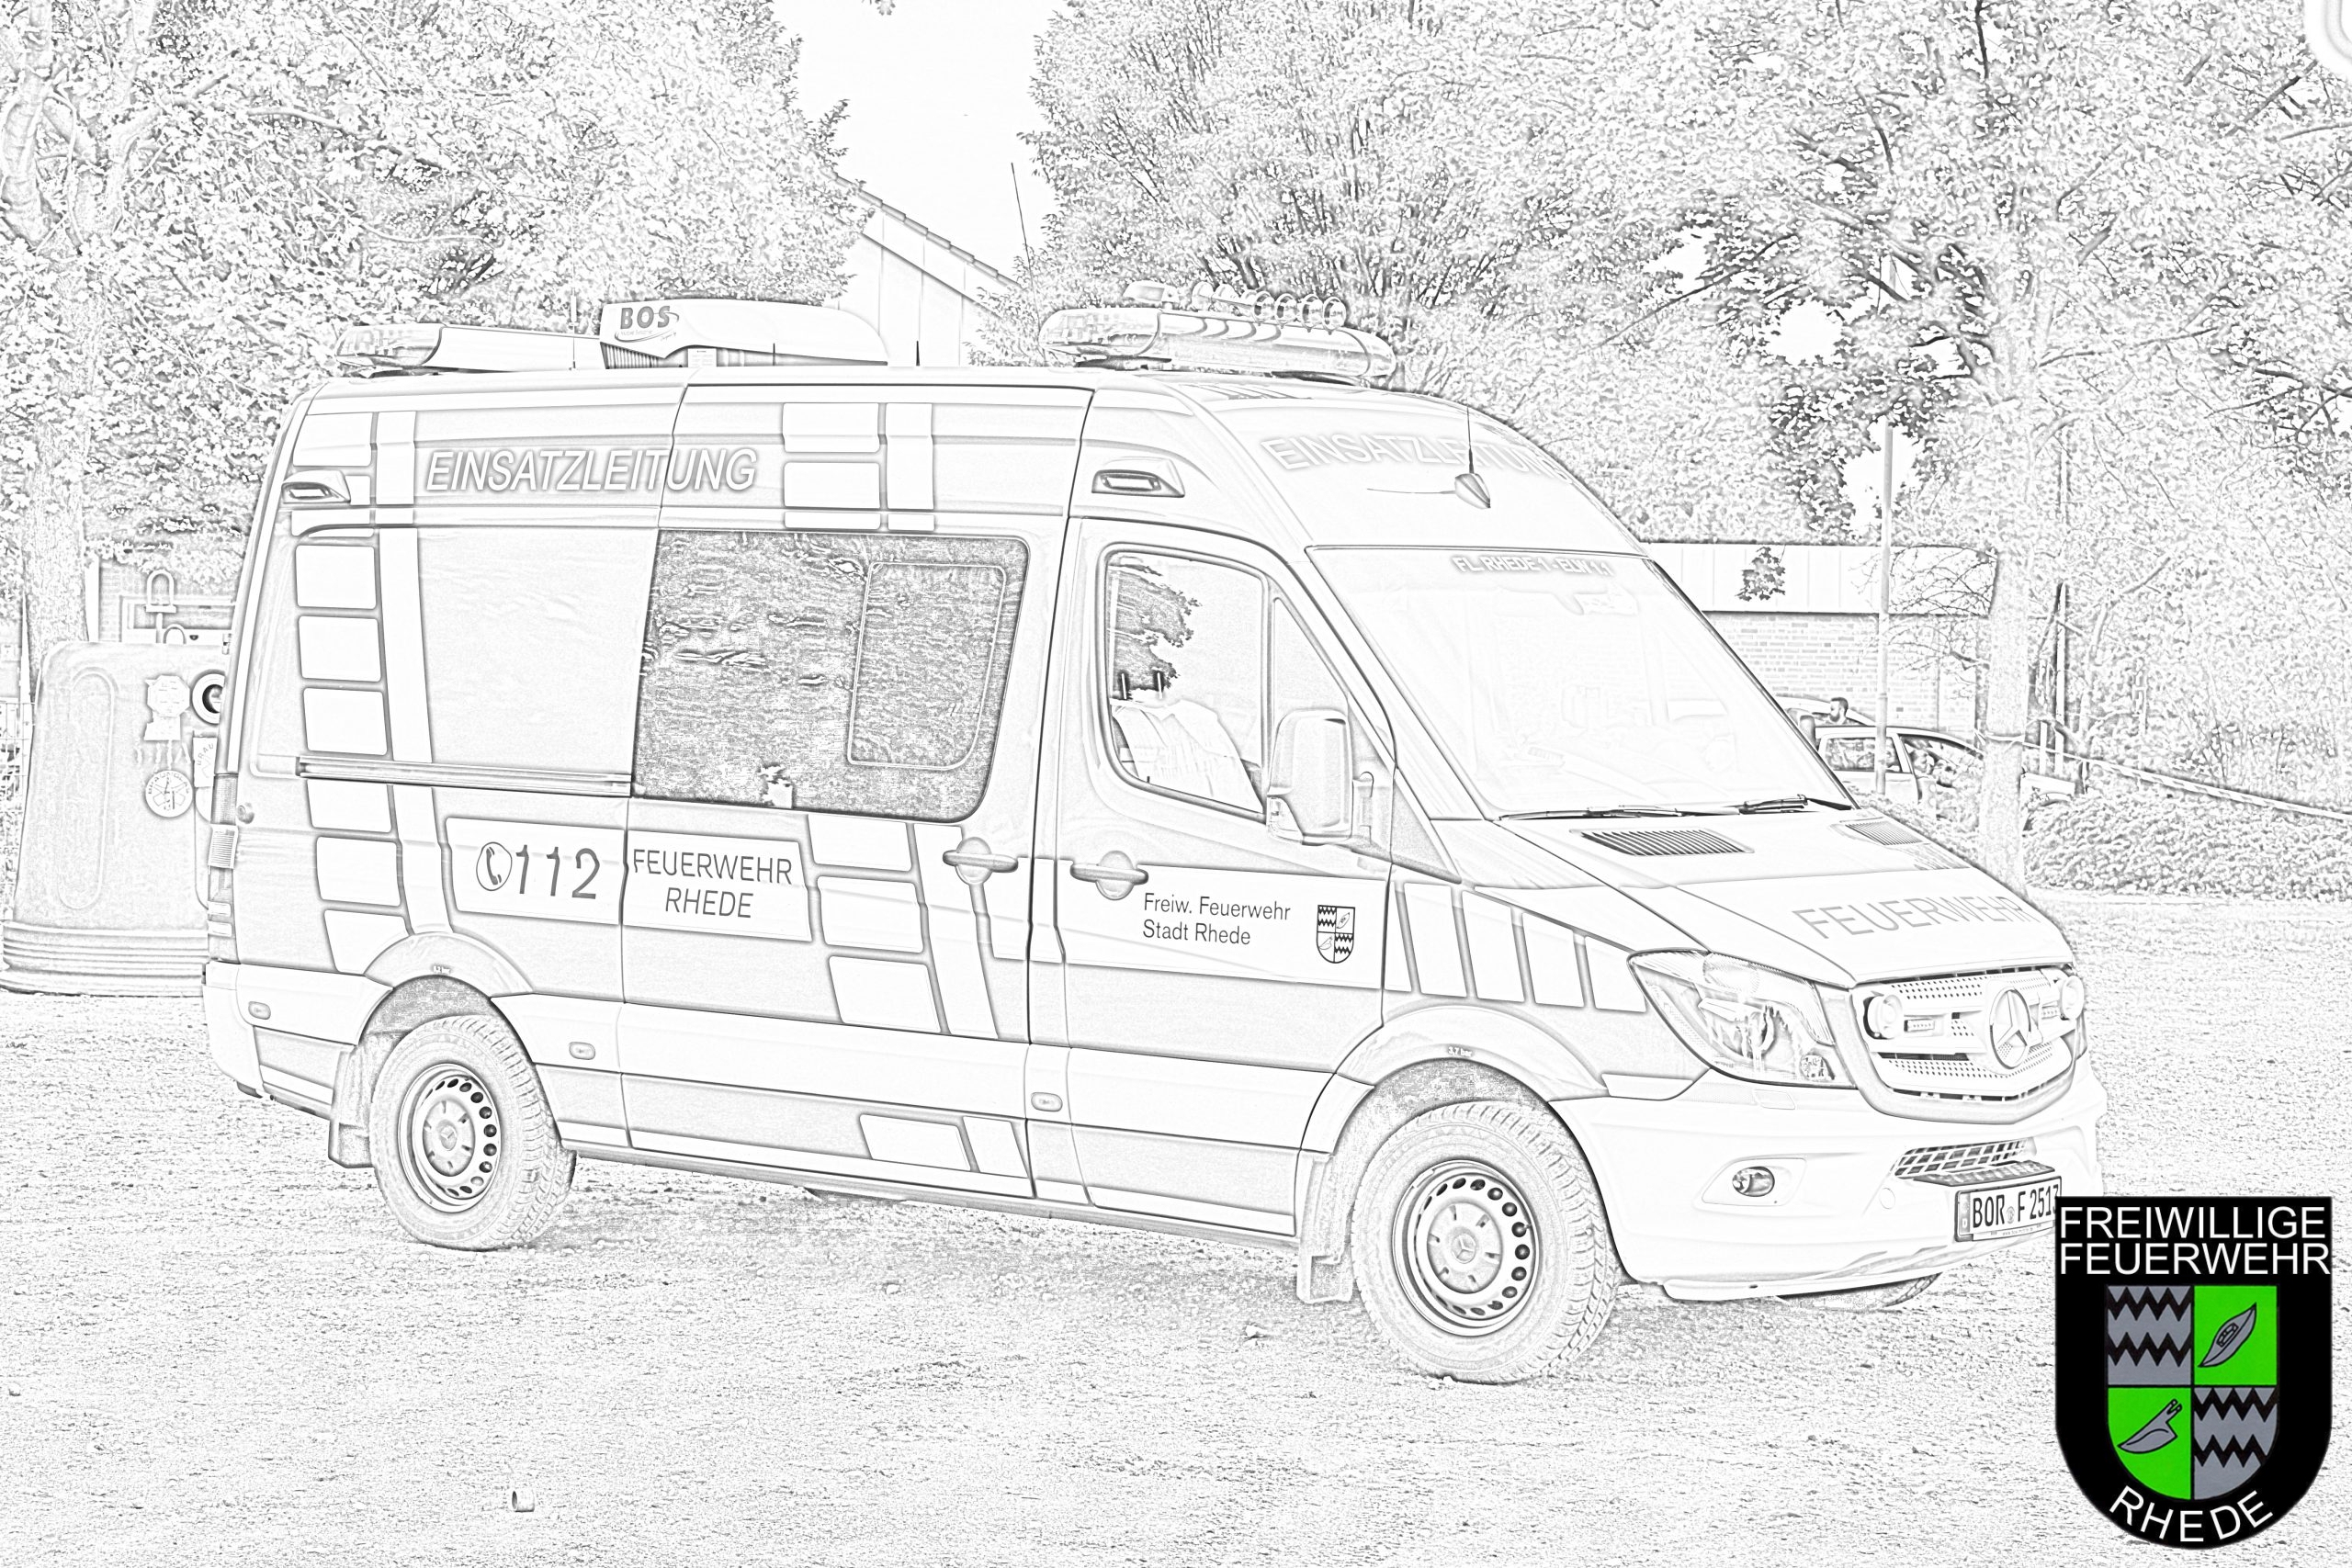 Ausmalbilder Und Bastelvorlagen | Feuerwehr Rhede verwandt mit Feuerwehr Bilder Zum Ausmalen